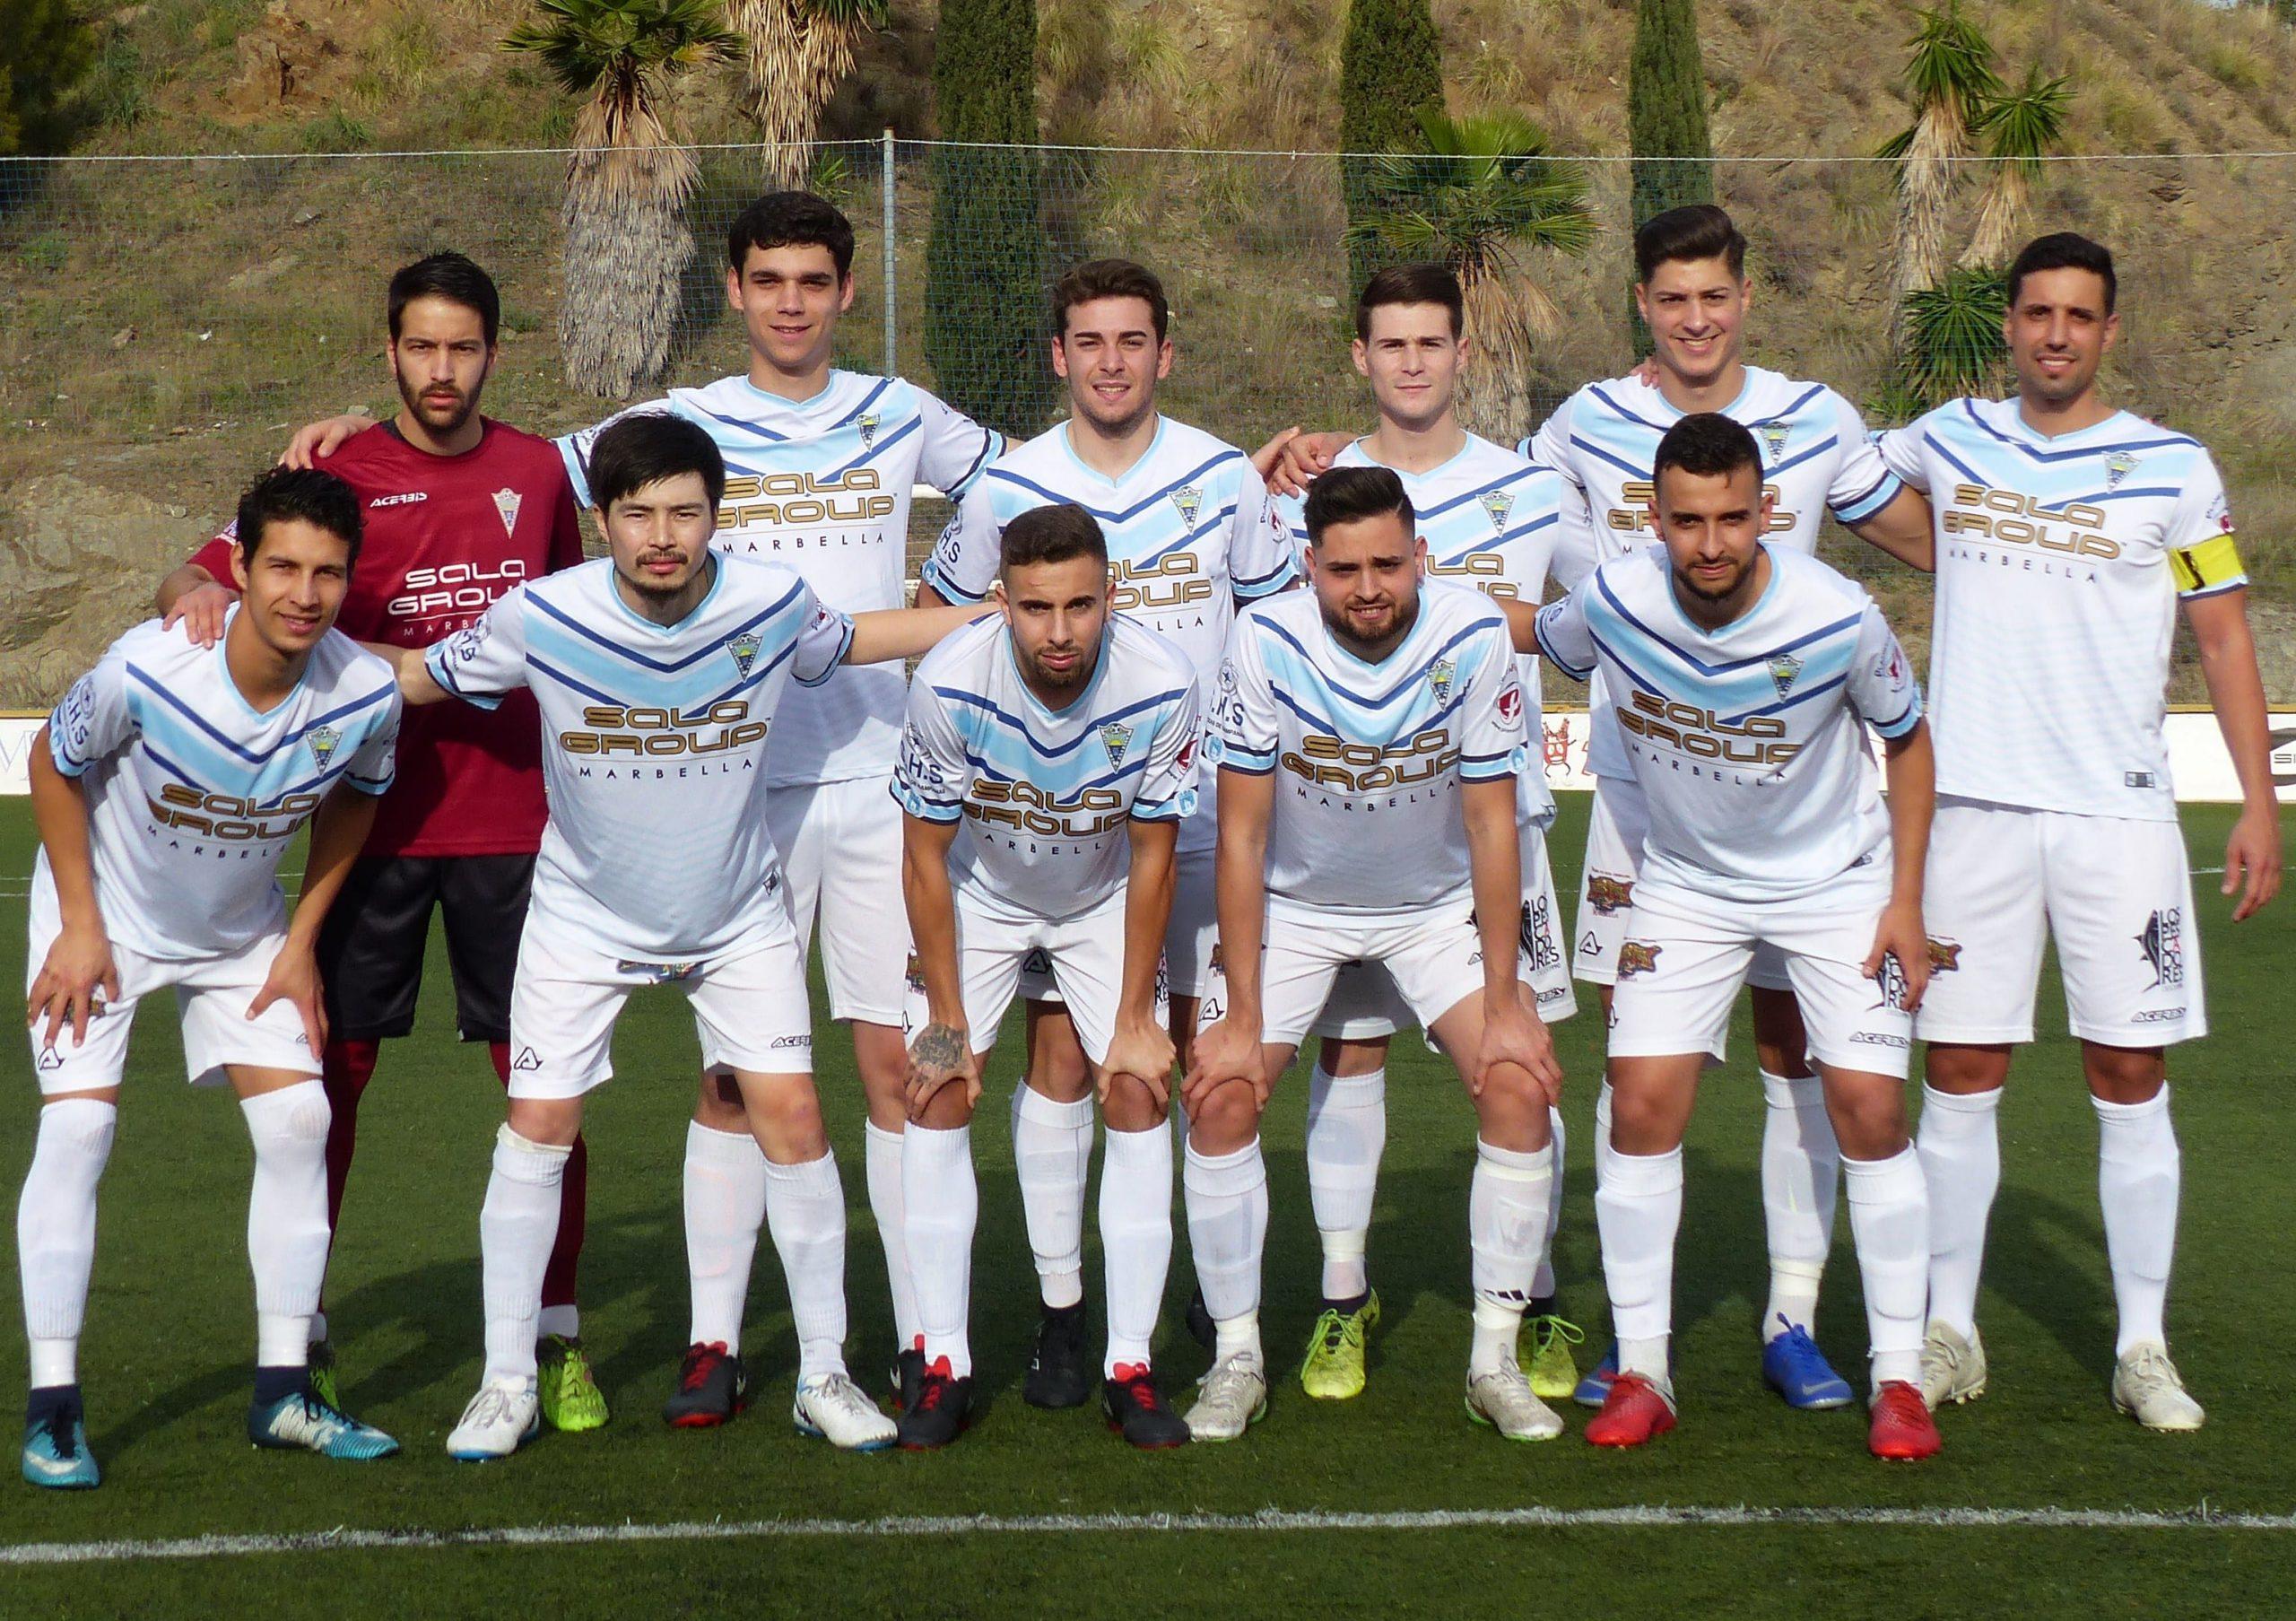 Agónico empate del C.D. Atlético Marbella en el descuento frente al Atlético Estación (2-2)